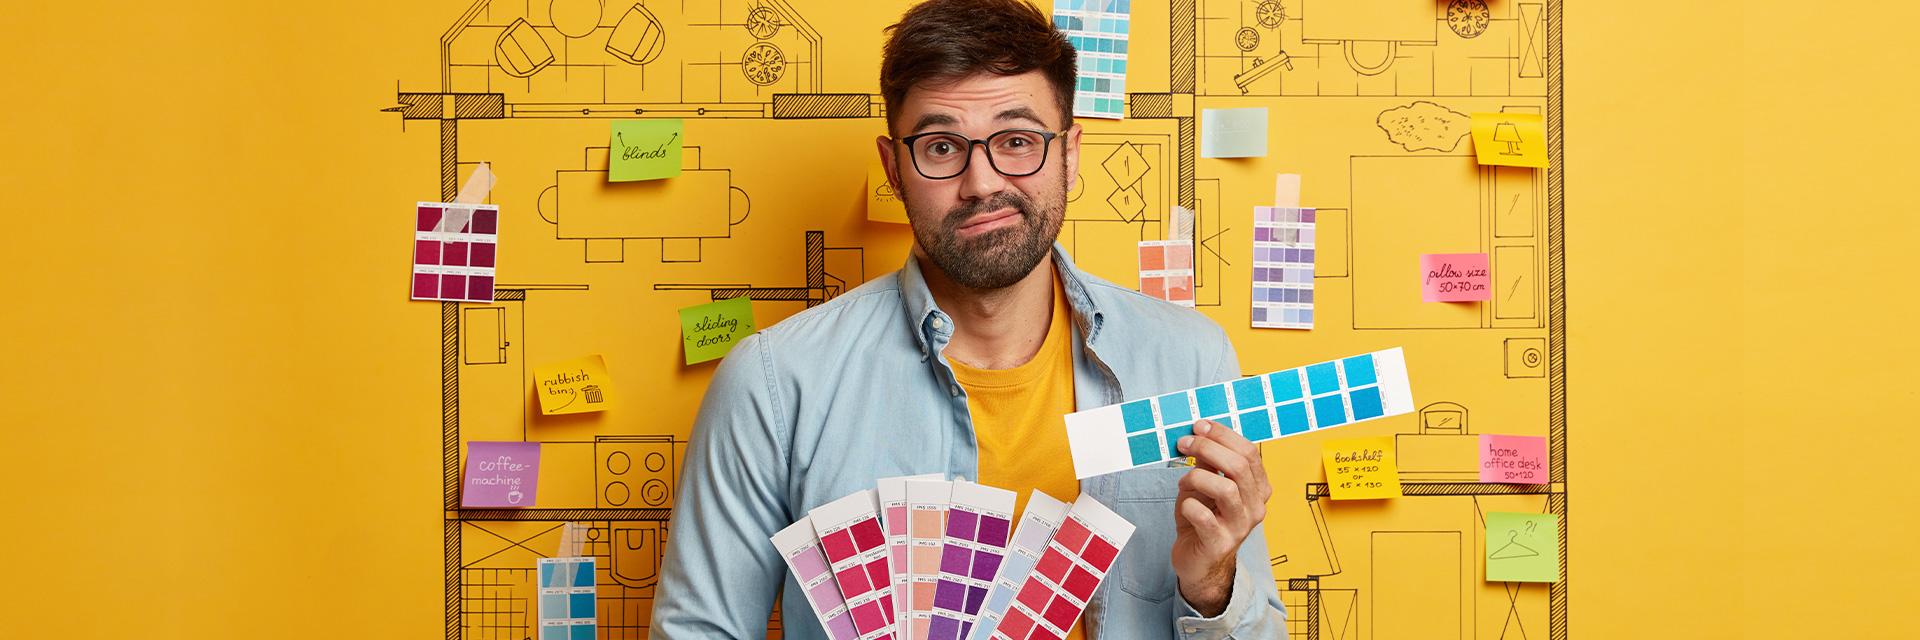 Кто такой дизайнер интерьеров как им стать плюсы и минусы профессии а также советы для начинающих